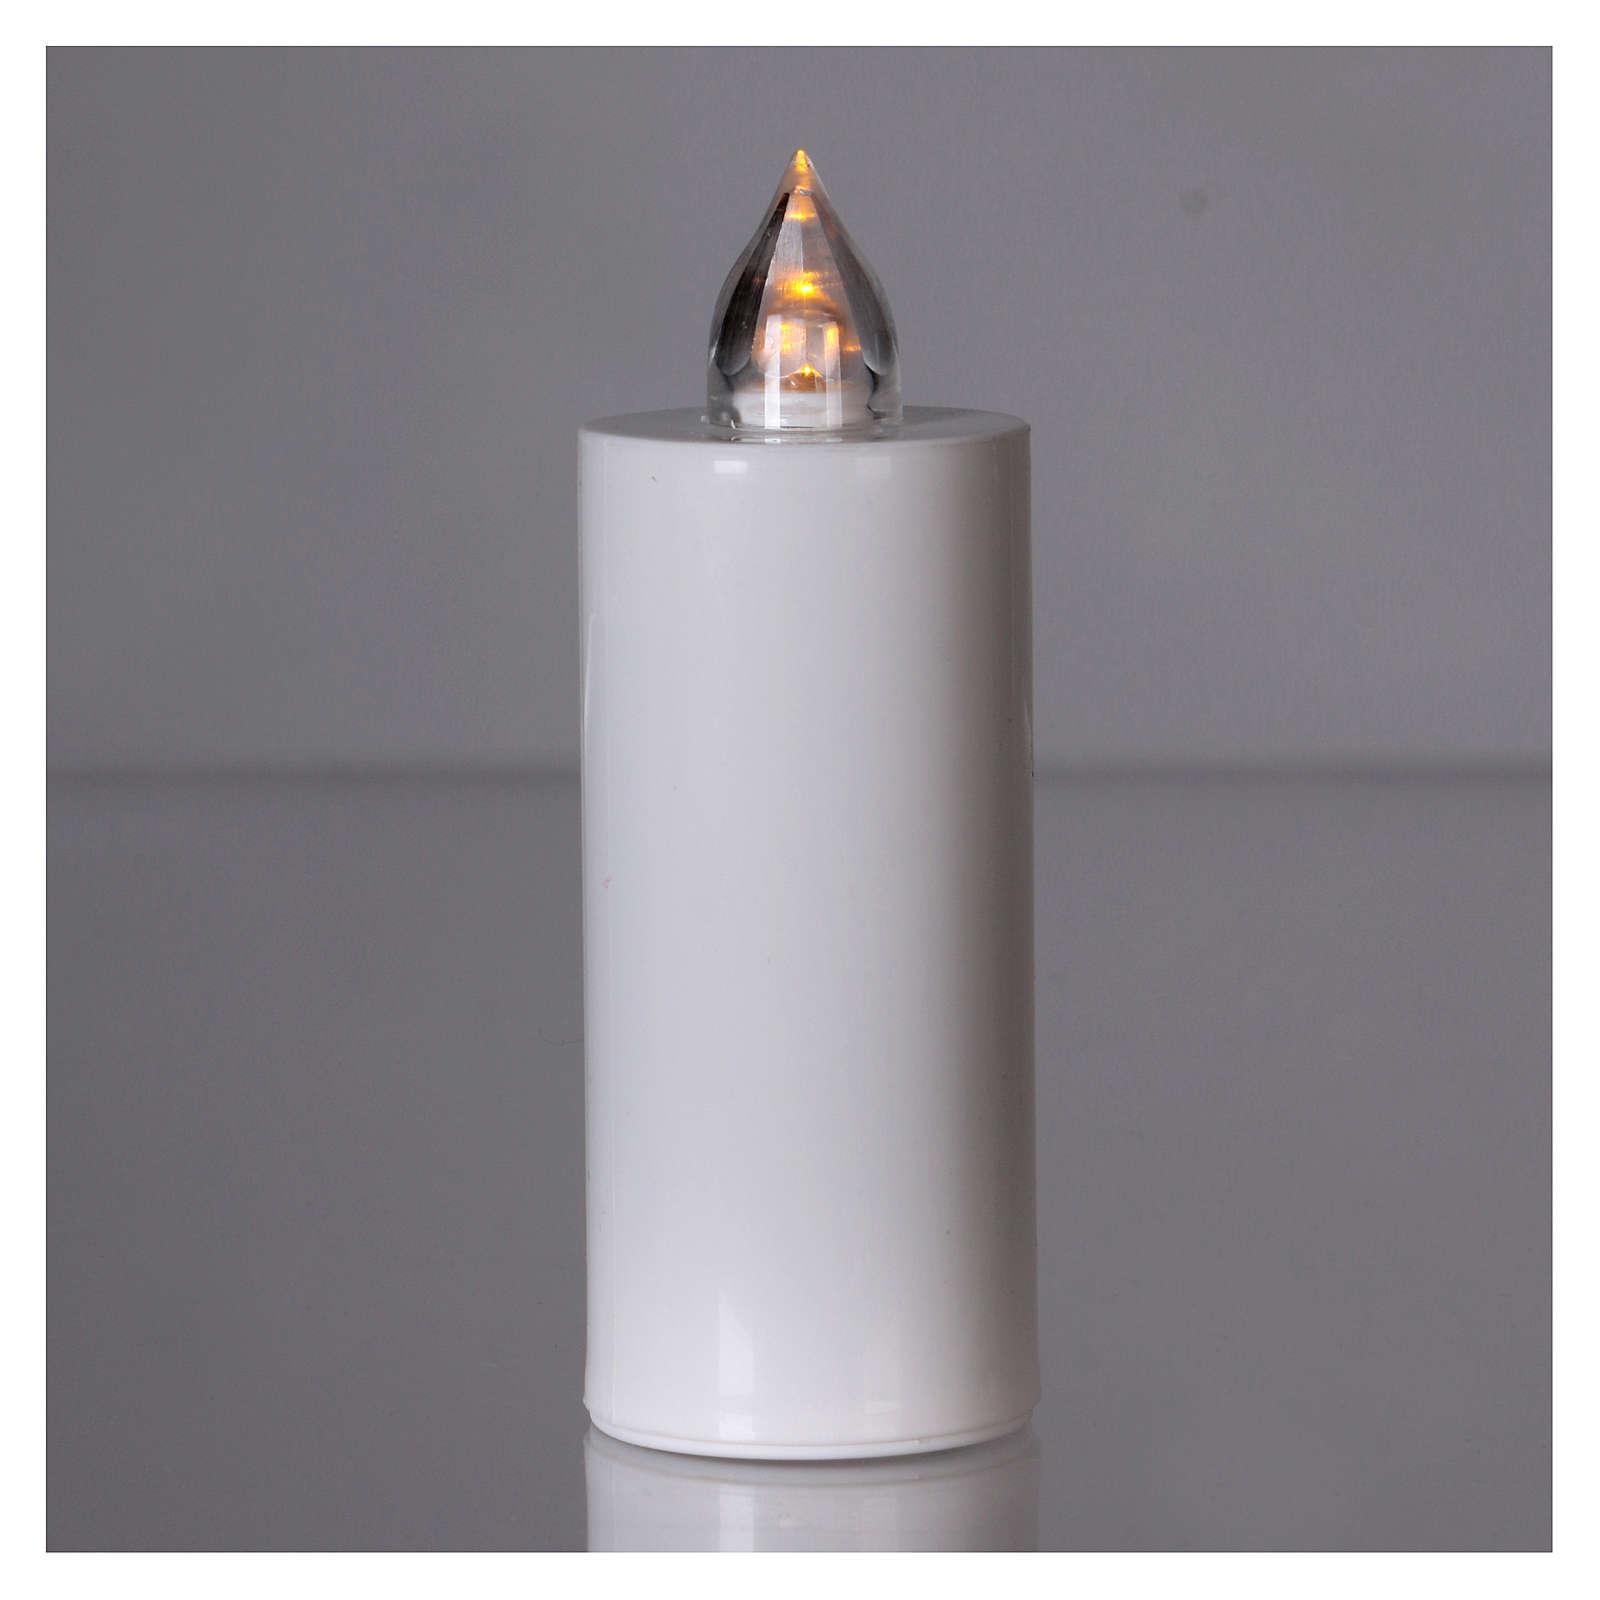 Lamparilla Lumada desechable blanca luz amarilla parpadeante 3